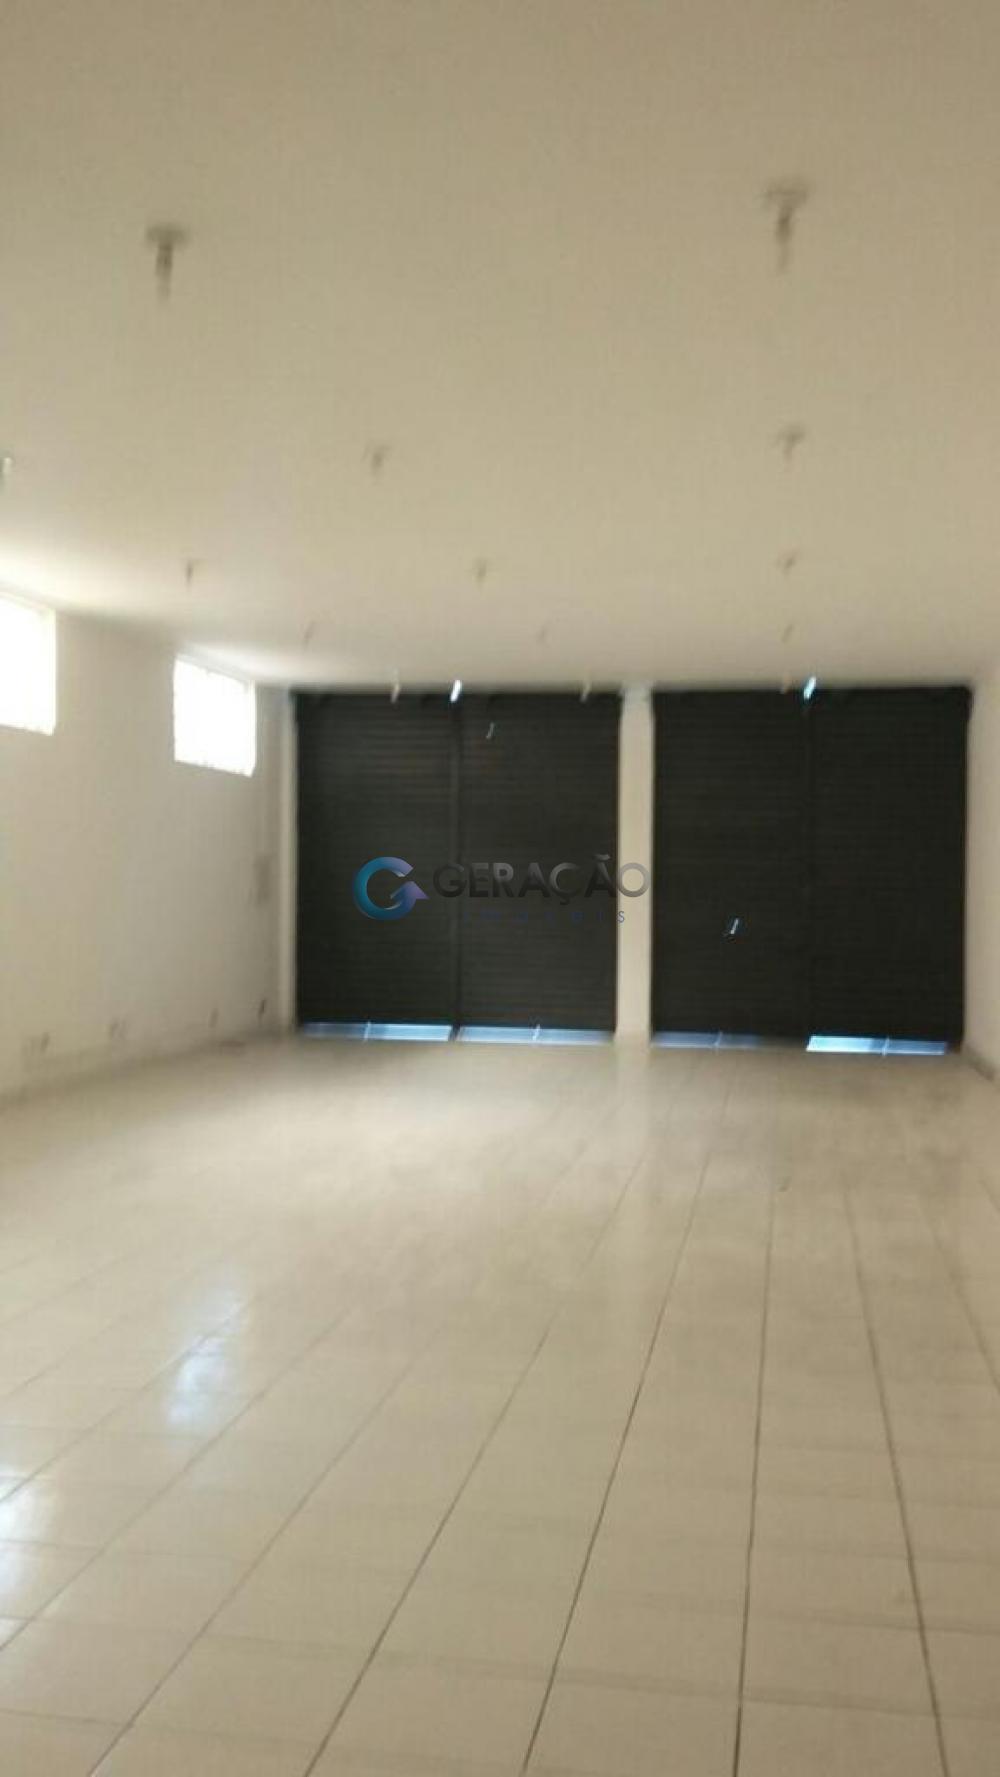 Alugar Comercial / Salão em São José dos Campos R$ 4.000,00 - Foto 4